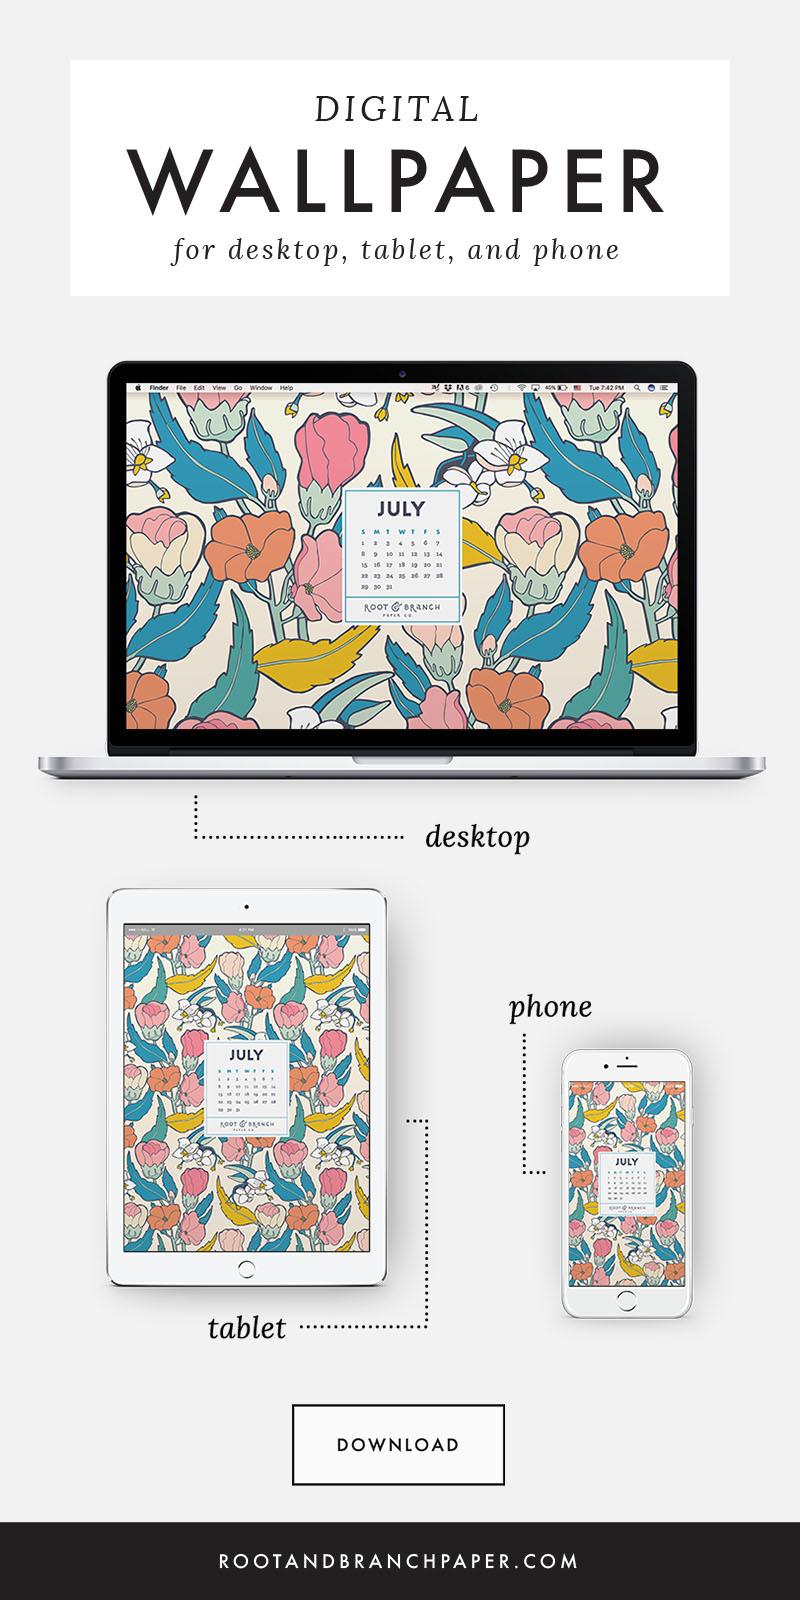 July 2018 Desktop Wallpaper, Free Floral July 2018 Monthly Calendar Desktop Background | Download Floral Illustrated Digital Wallpapers for Desktop, Tablet, + Phone | Root & Branch Paper Co.